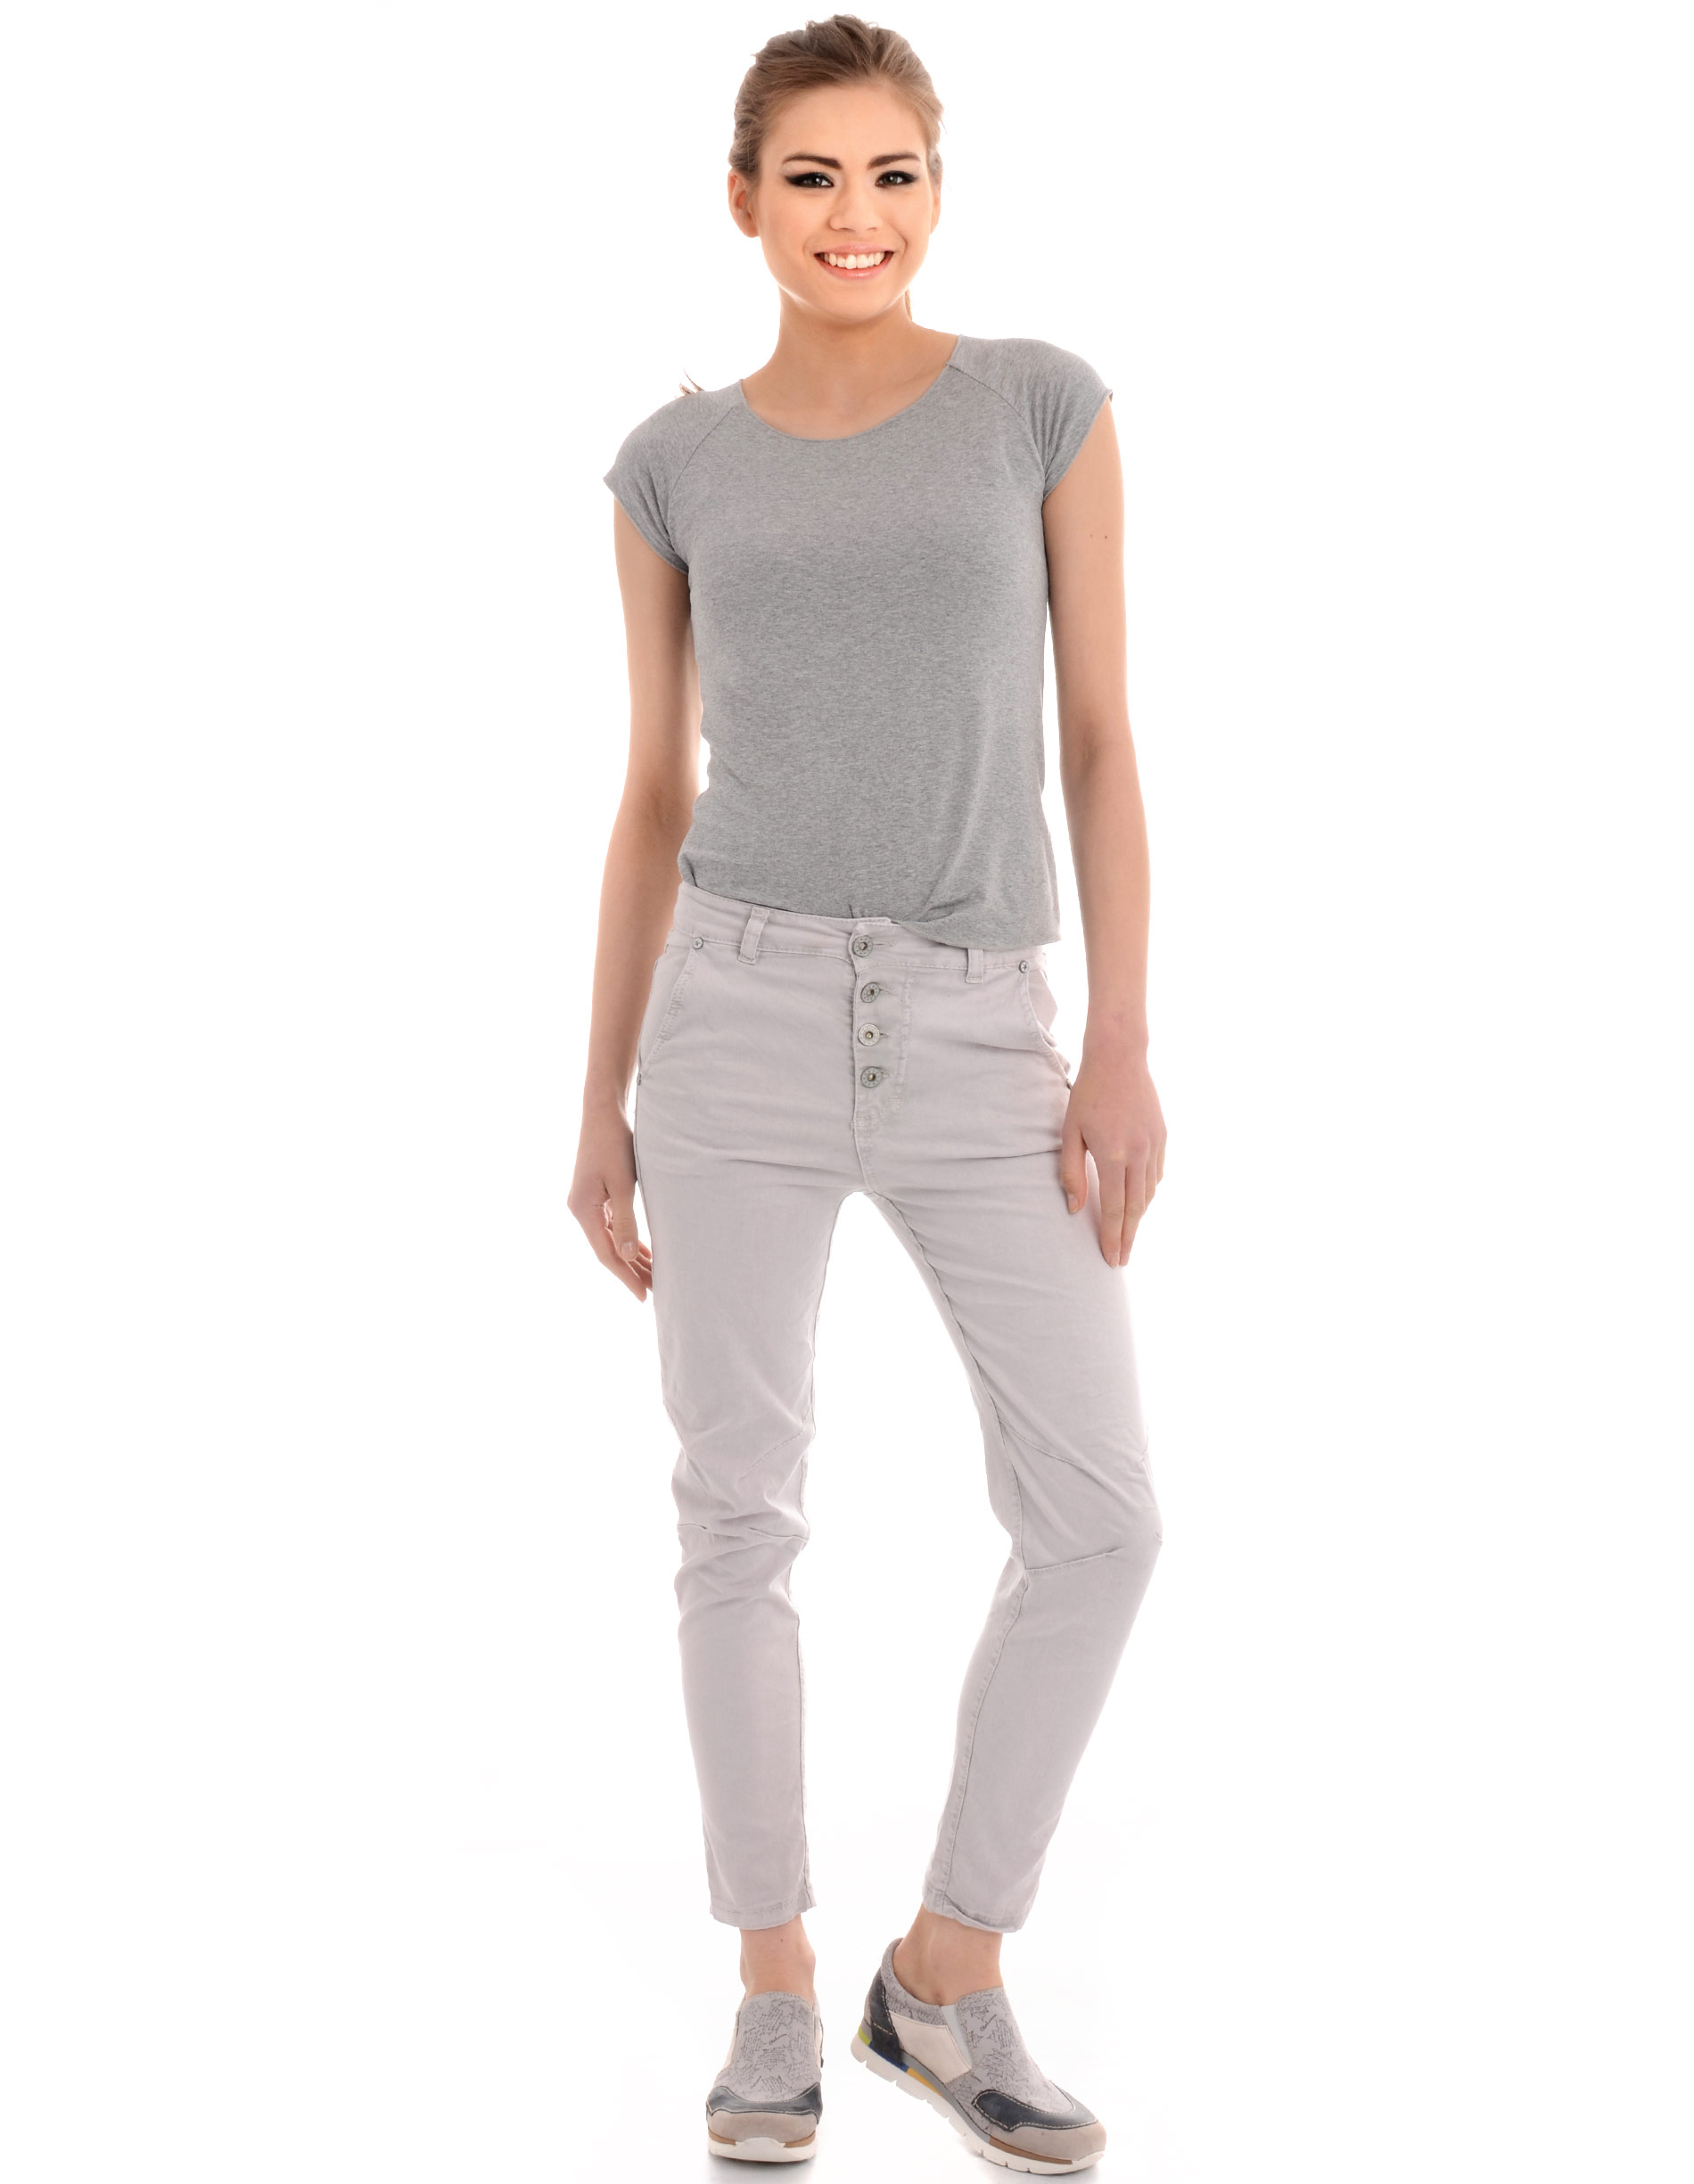 Spodnie - 137-2656 PERL - Unisono